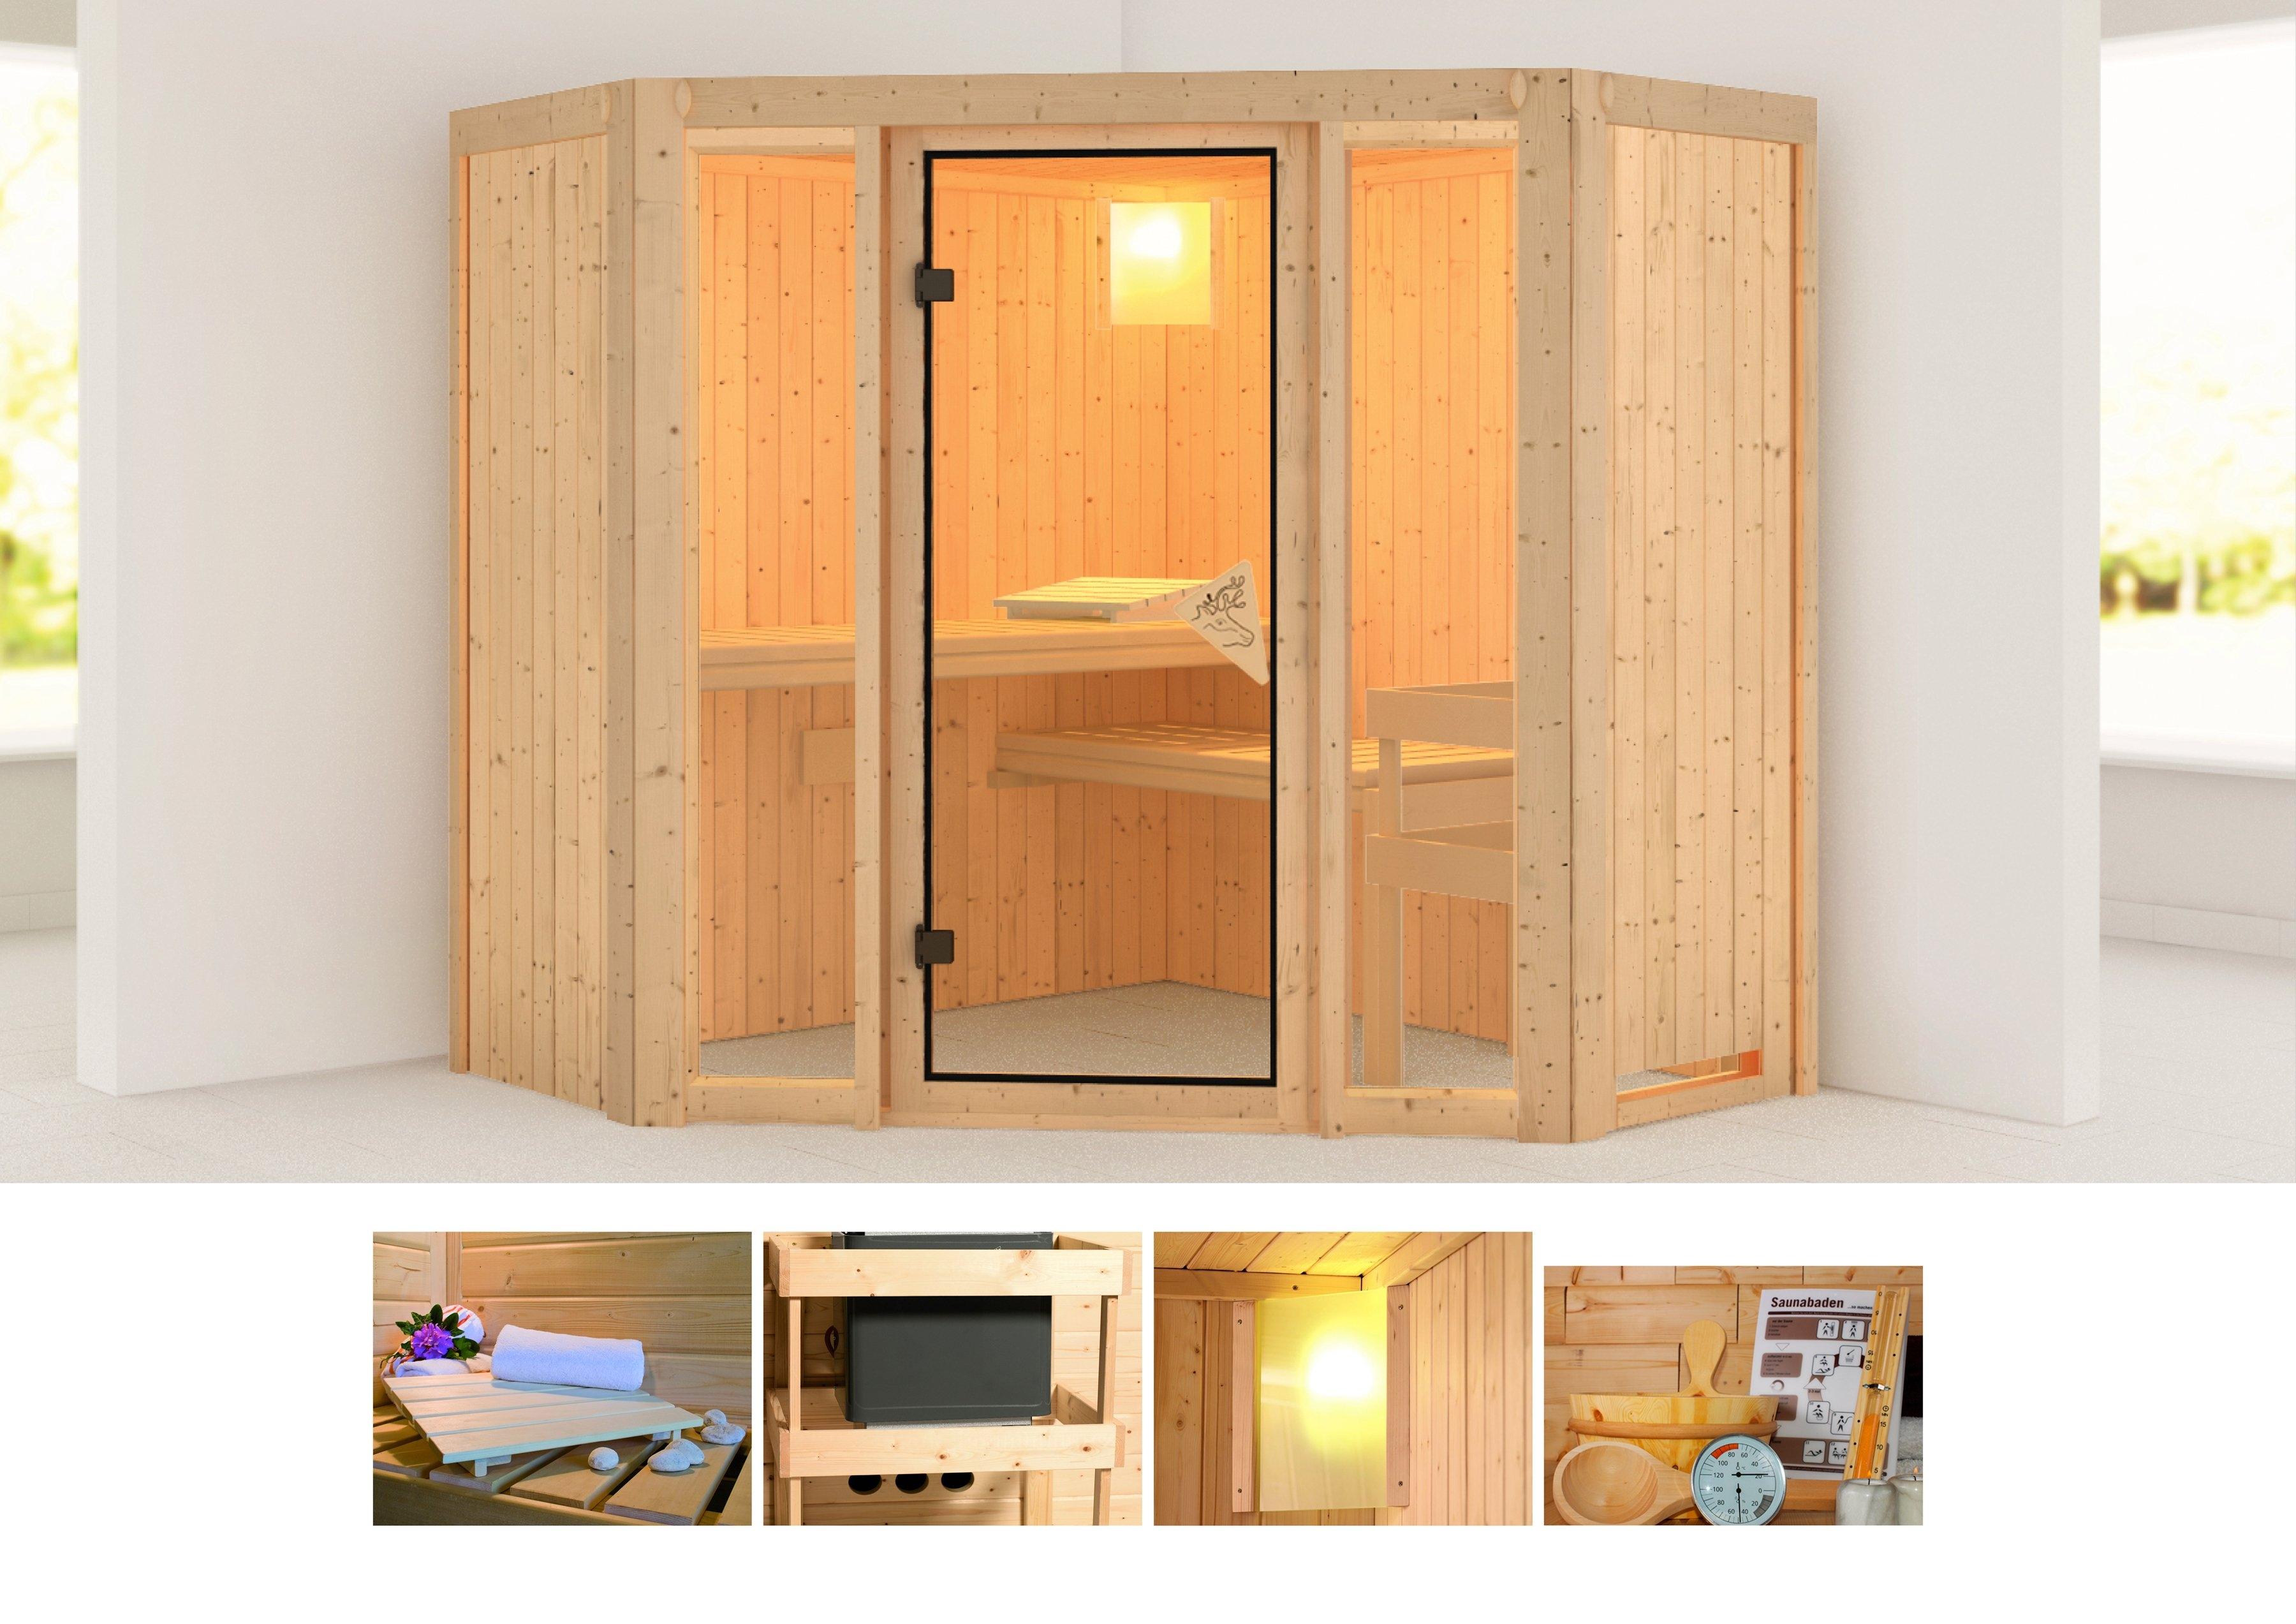 Karibu sauna »Flora 1«, 196x196x198 cm, ohne Ofen bestellen: 30 dagen bedenktijd